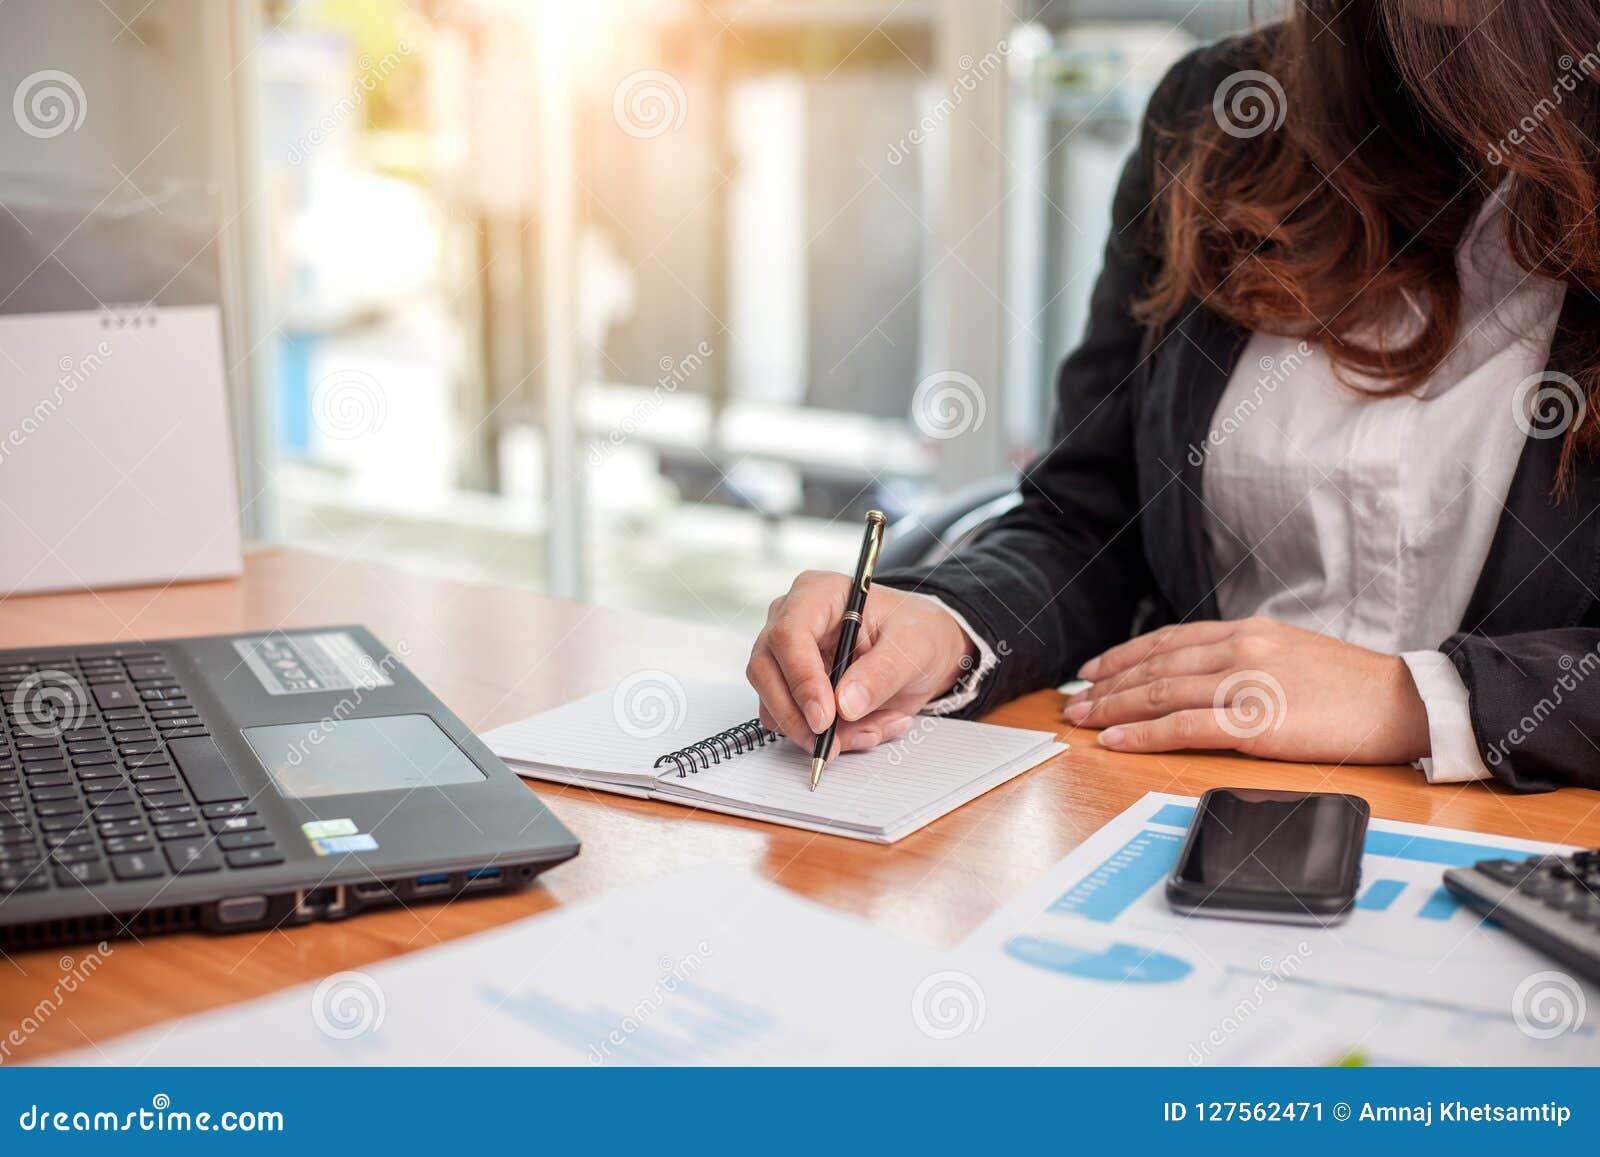 Επιχειρησιακή γυναίκα στην εργασία με οικονομικό